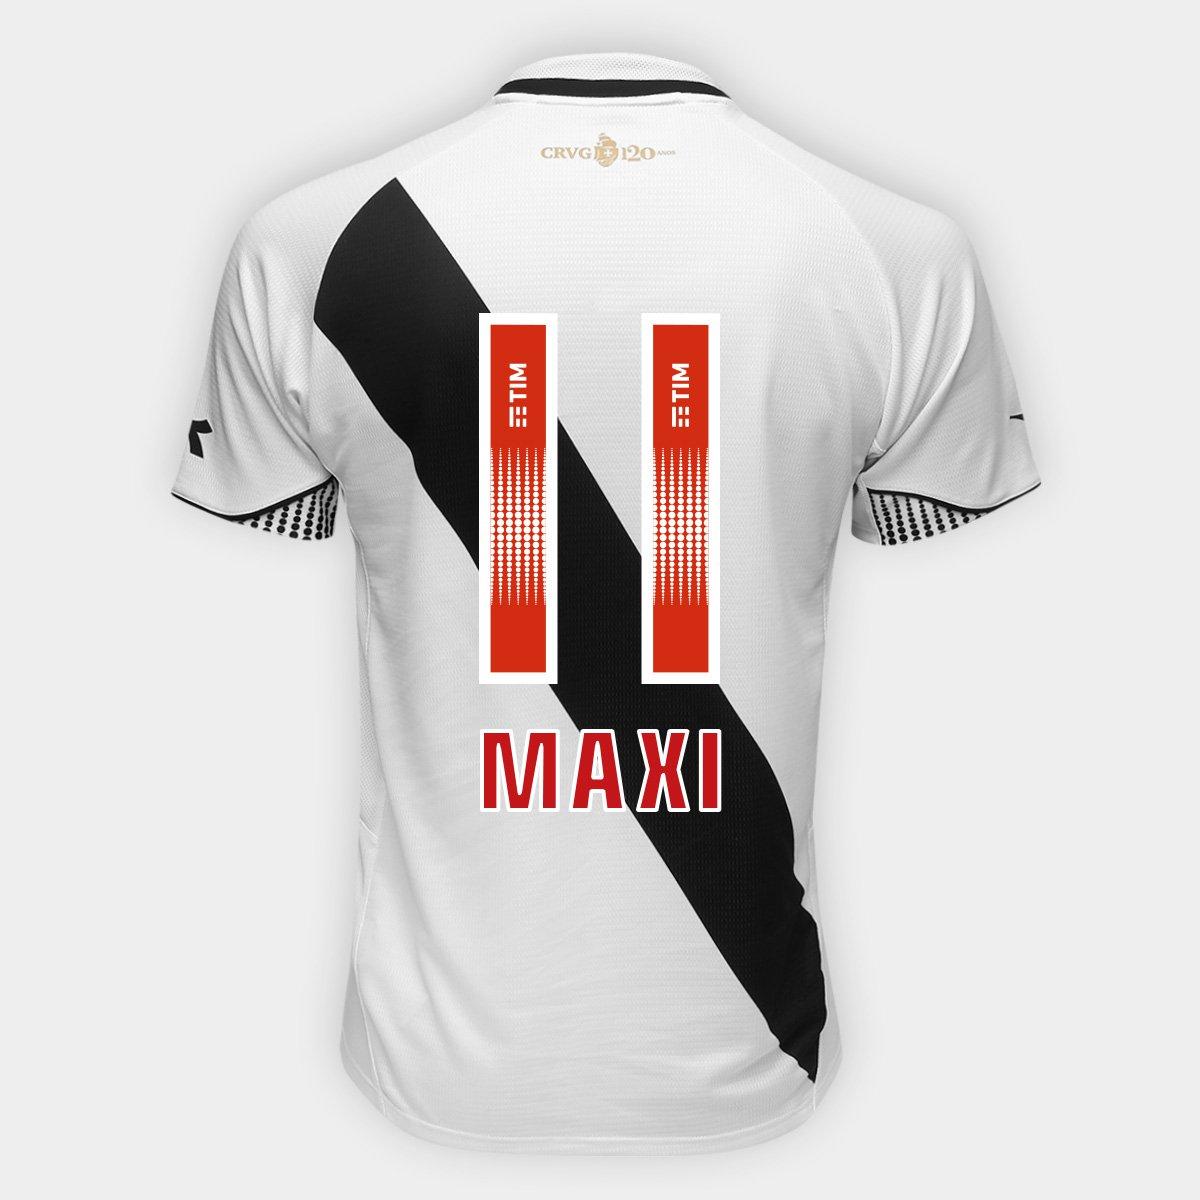 c08f5c90c1f04 Camisa Vasco II 2018 Nº 11 - Maxi - Torcedor Diadora Masculina - Branco -  Compre Agora